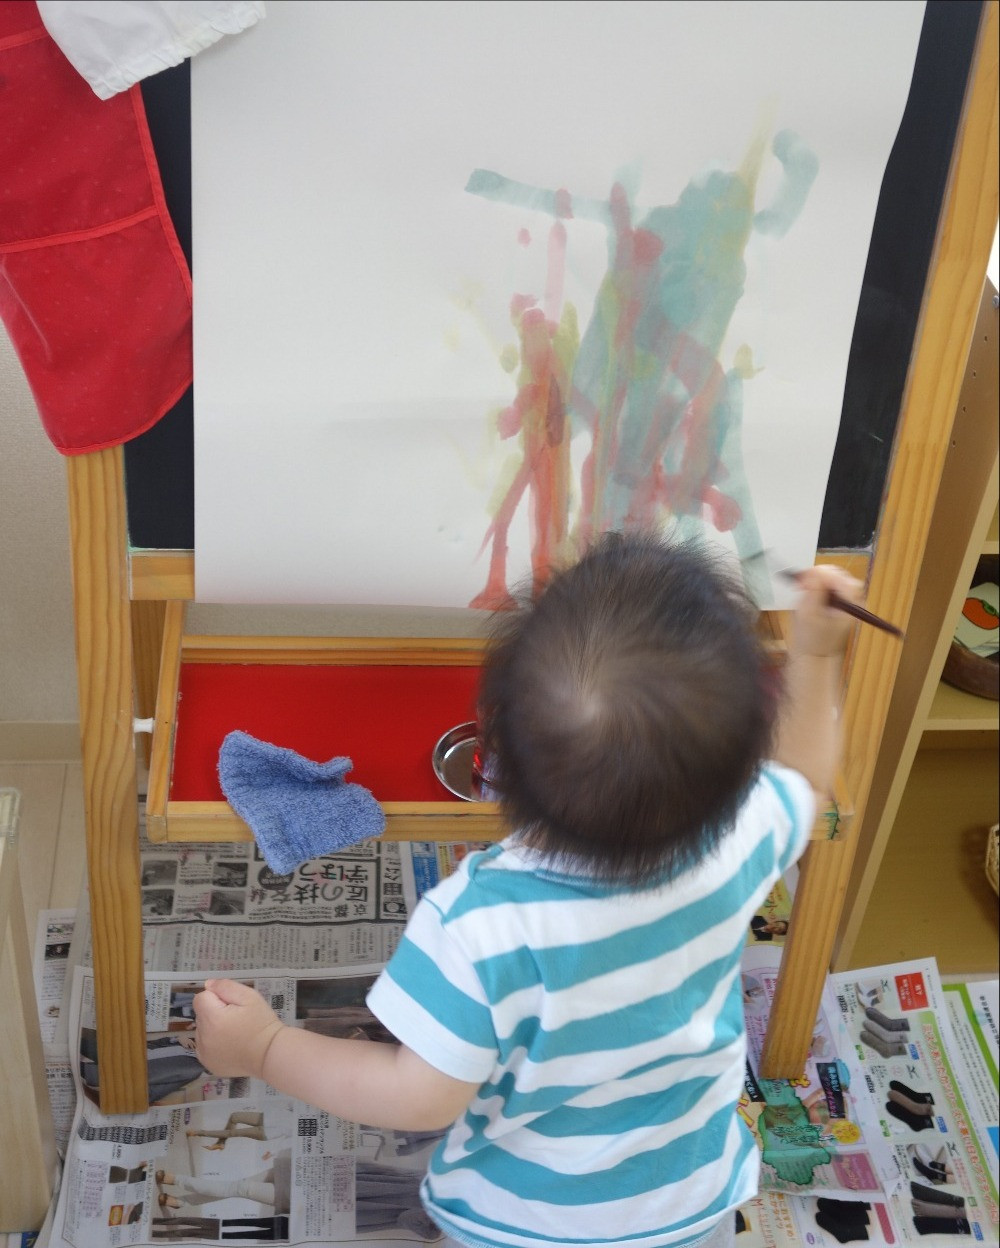 インファント お仕事 絵筆を使う 描く